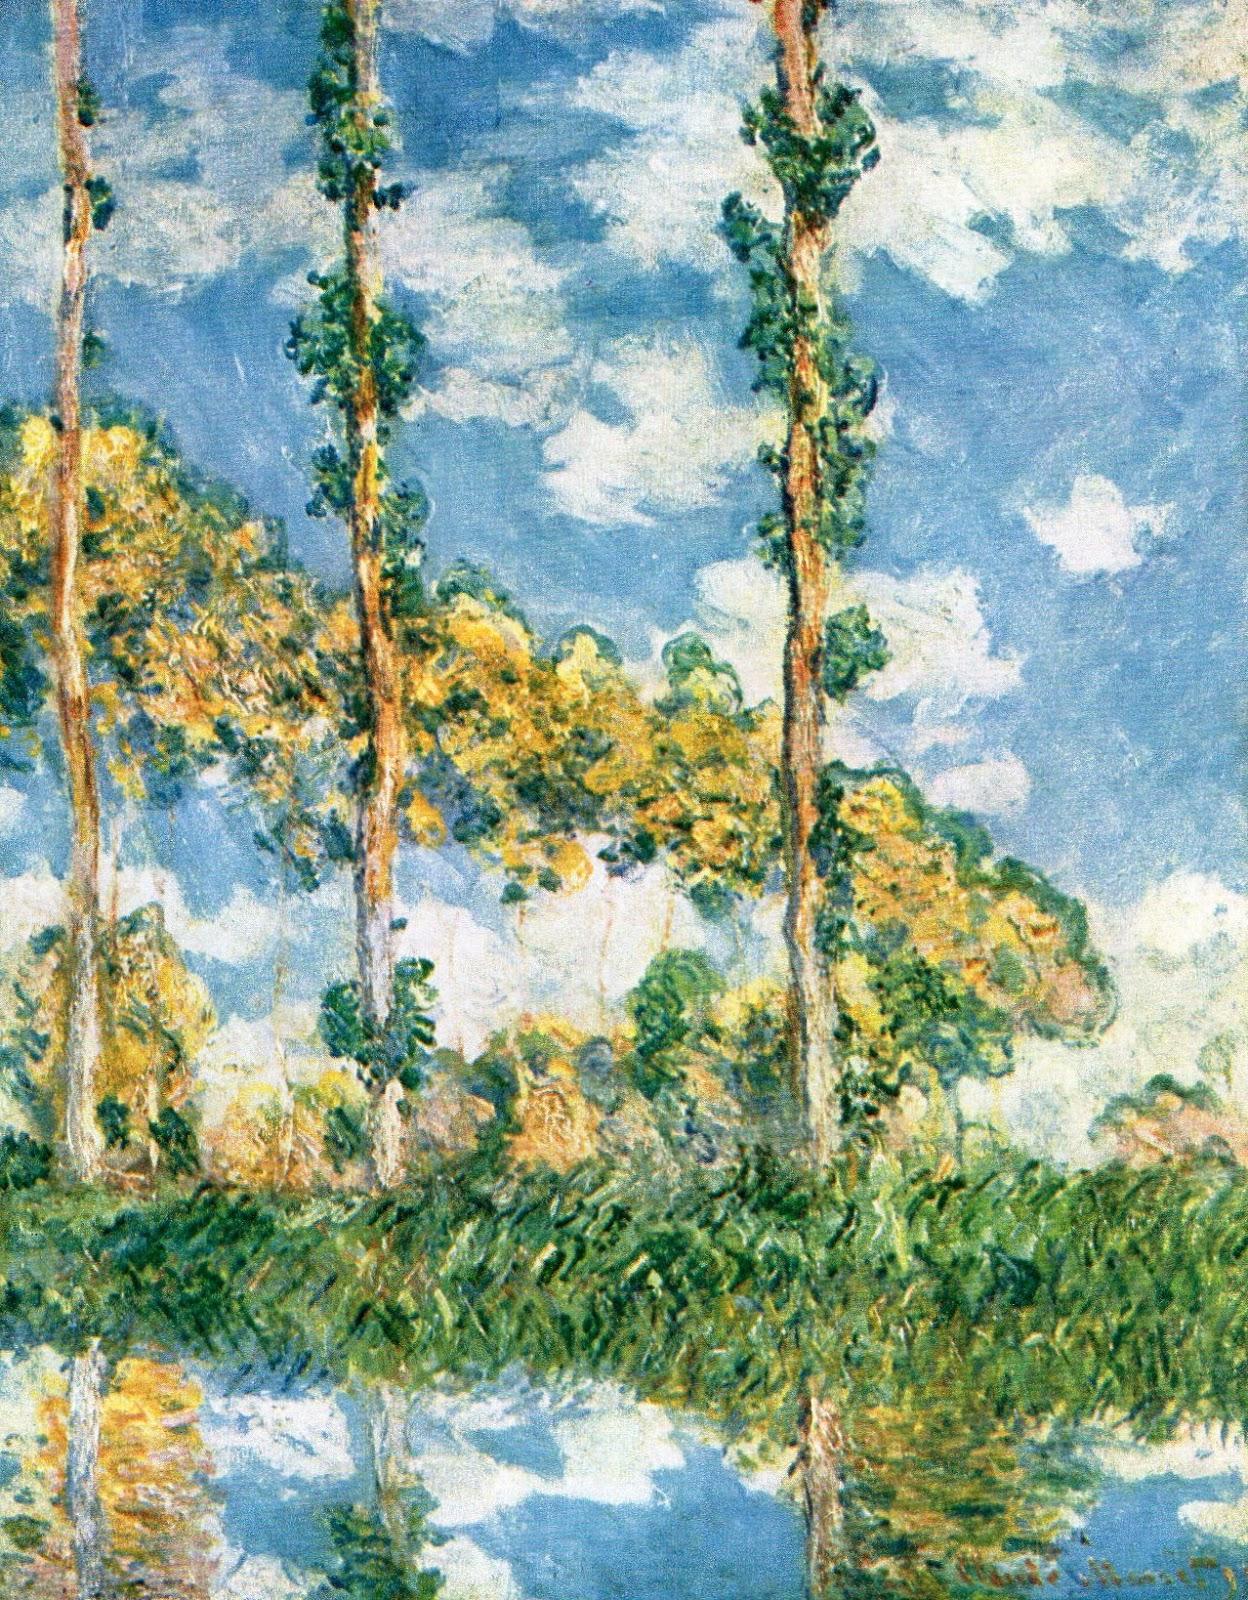 Тополя на реке Эпт в солнечном свете ::  Клод Моне, описание картины  - Моне Клод (Claude Monet) фото